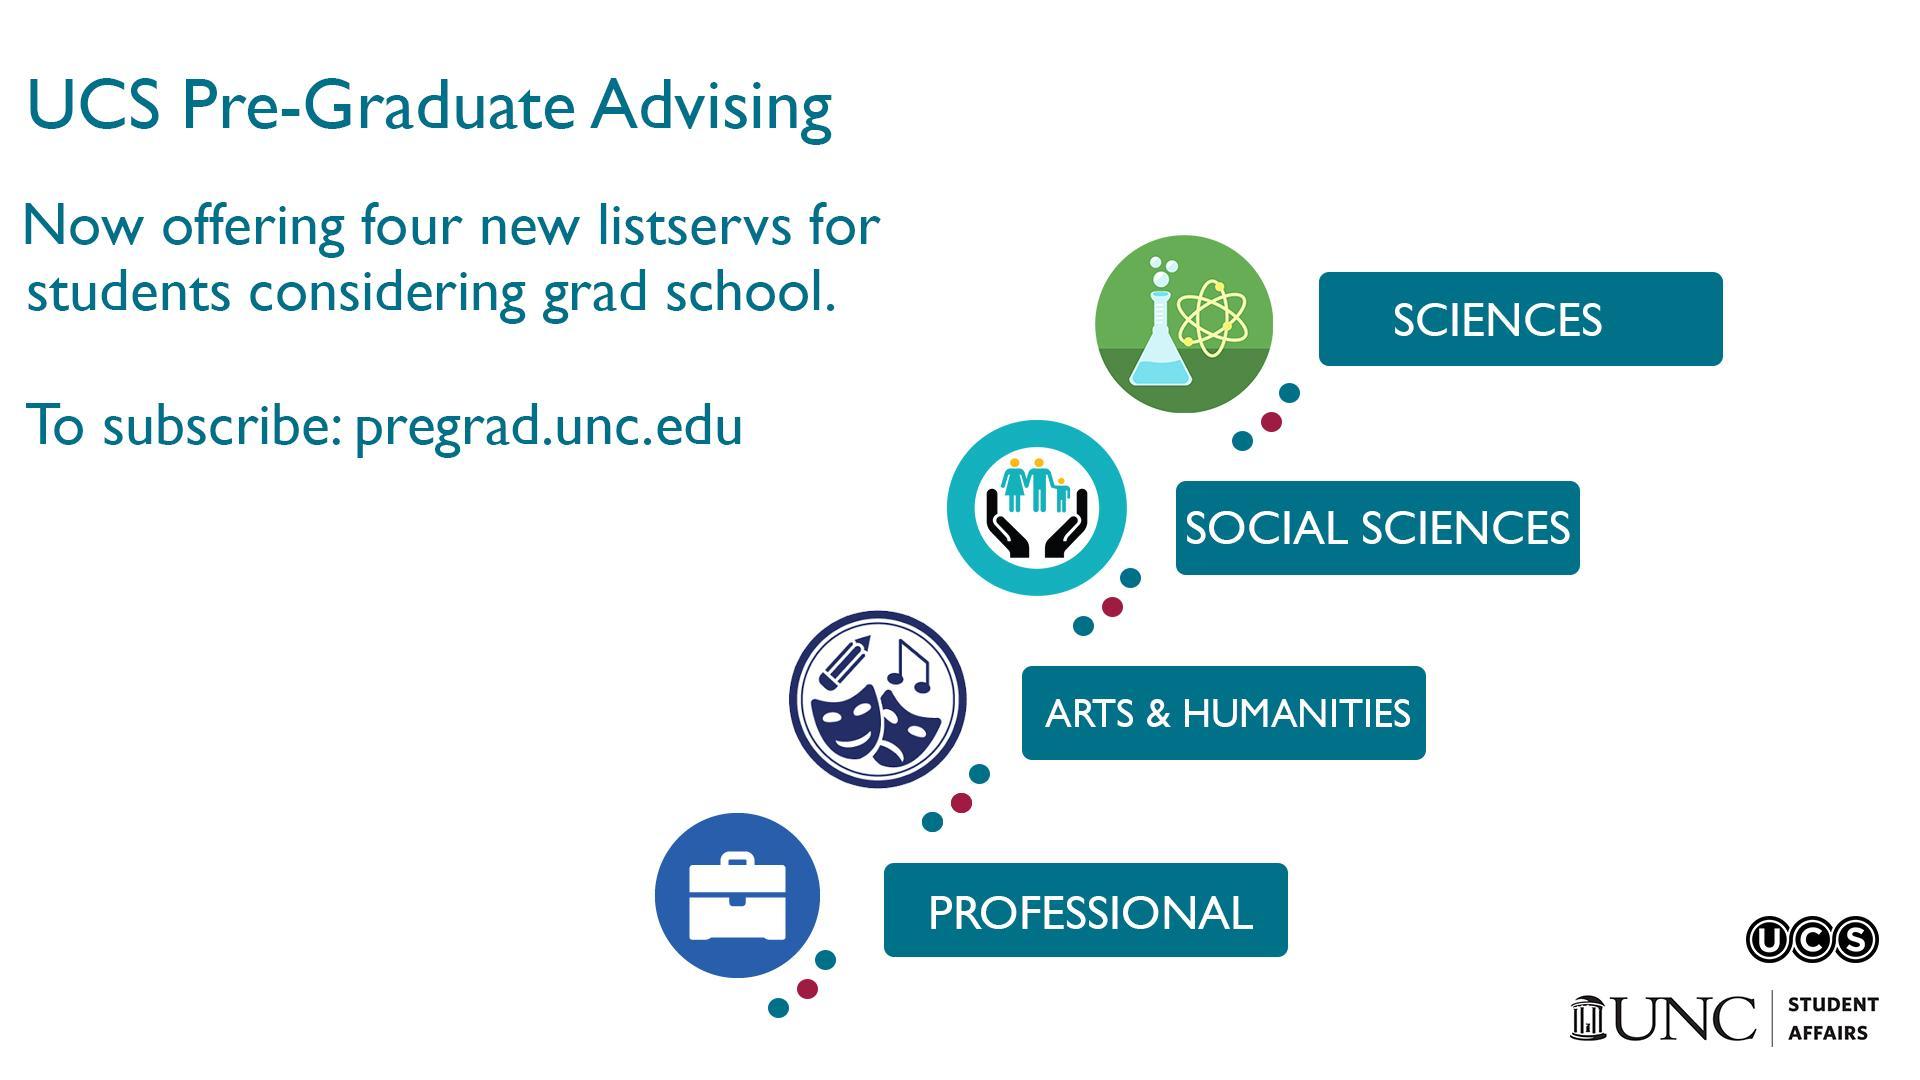 UCS Pre-Graduate Advising